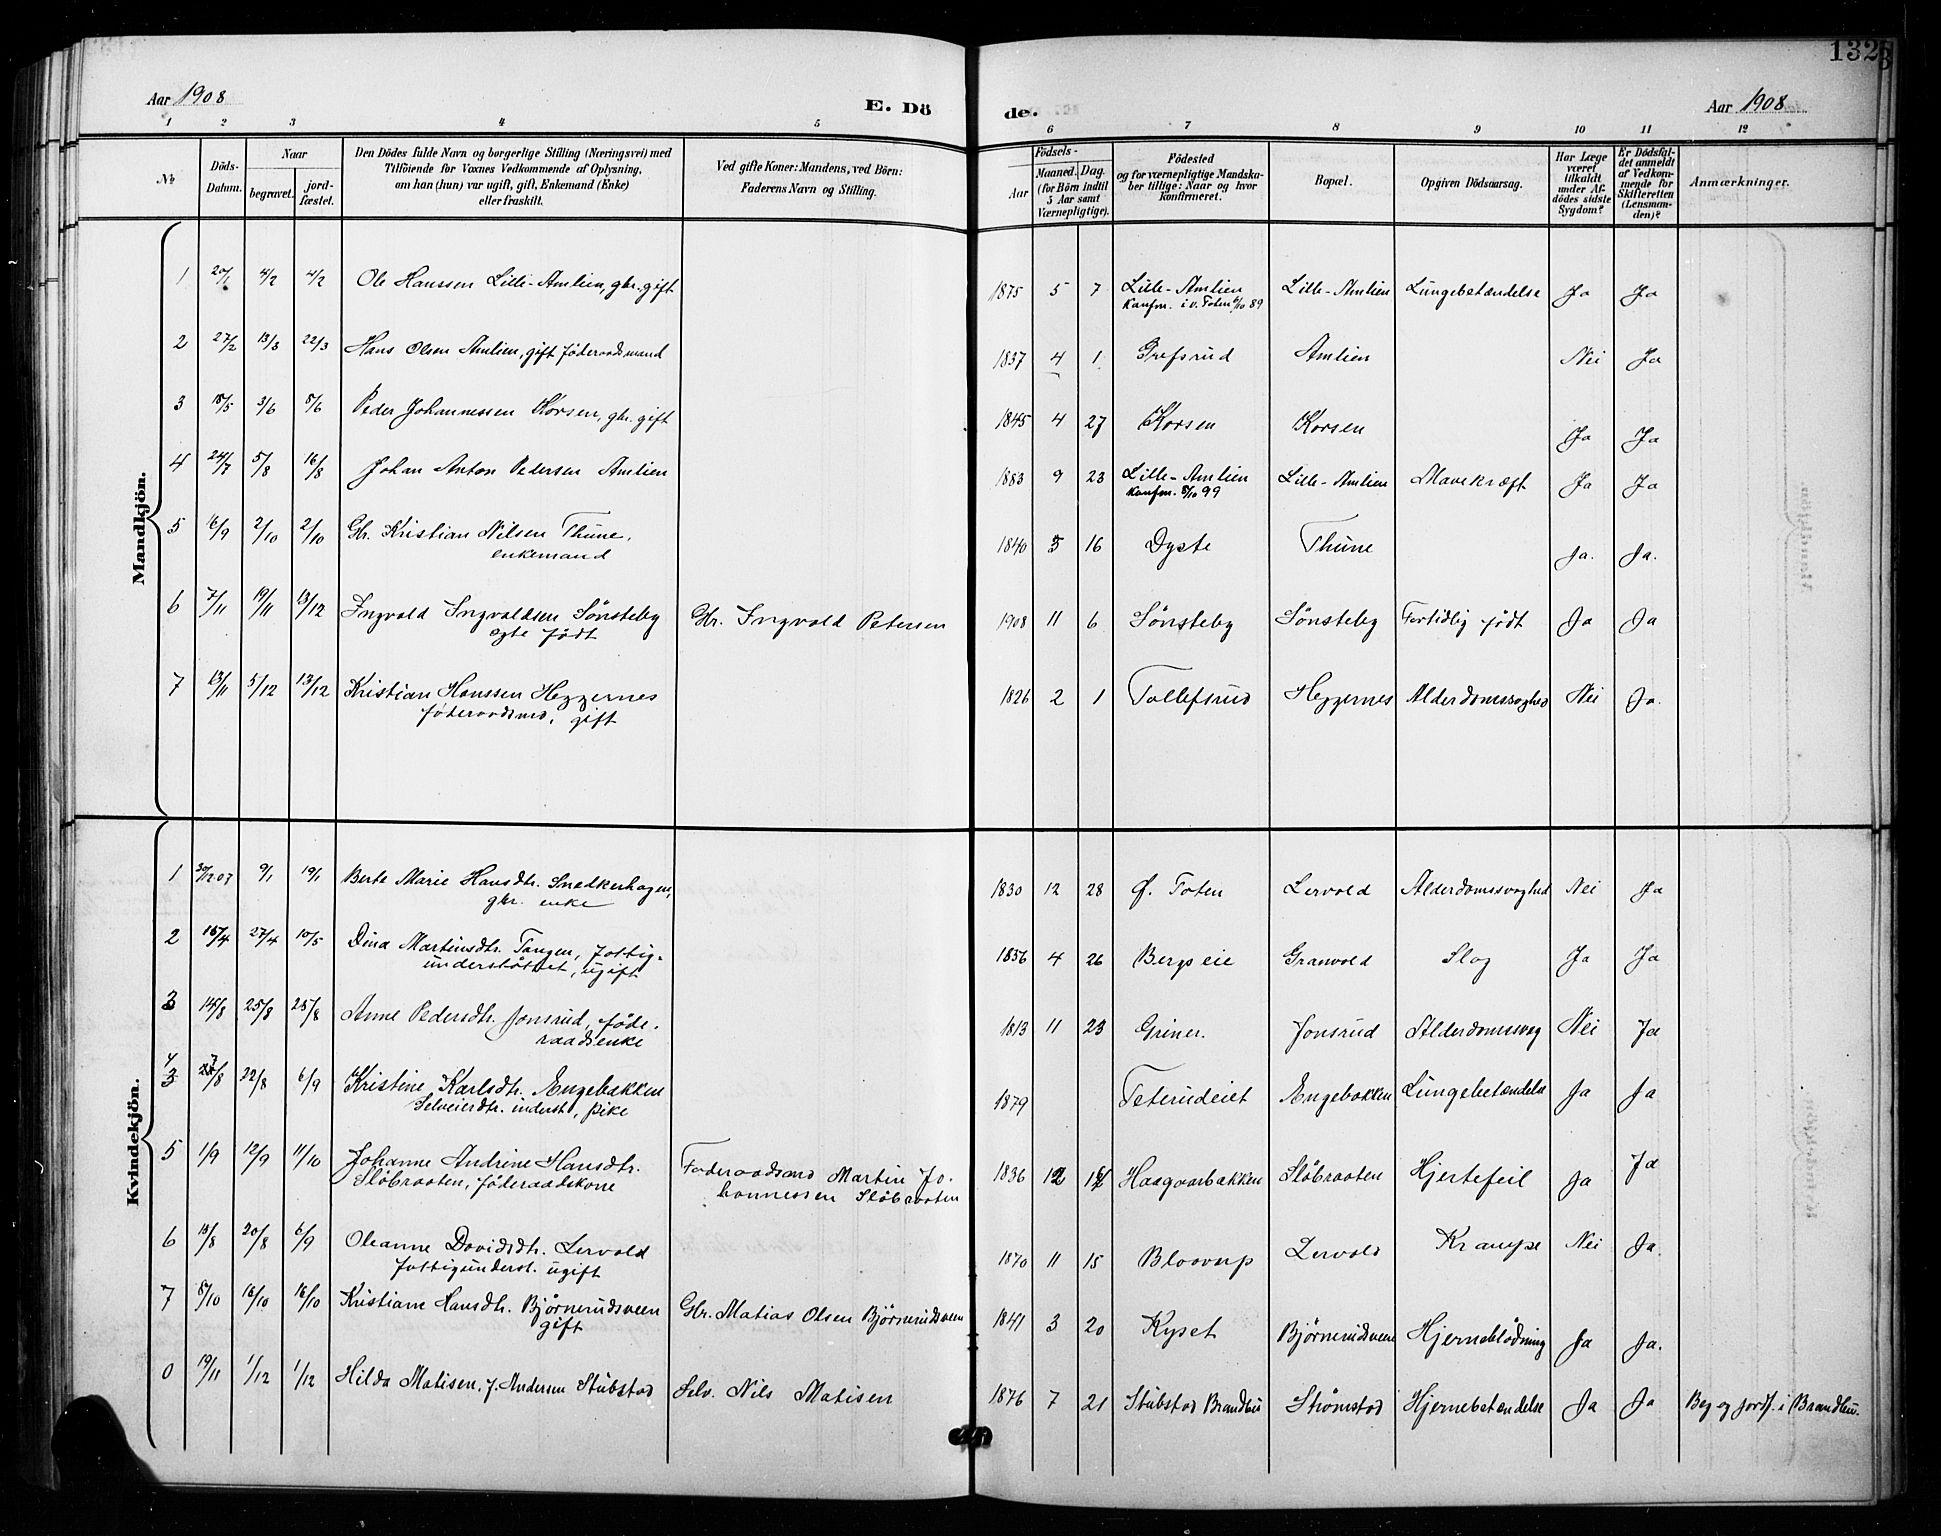 SAH, Vestre Toten prestekontor, H/Ha/Hab/L0016: Klokkerbok nr. 16, 1901-1915, s. 132